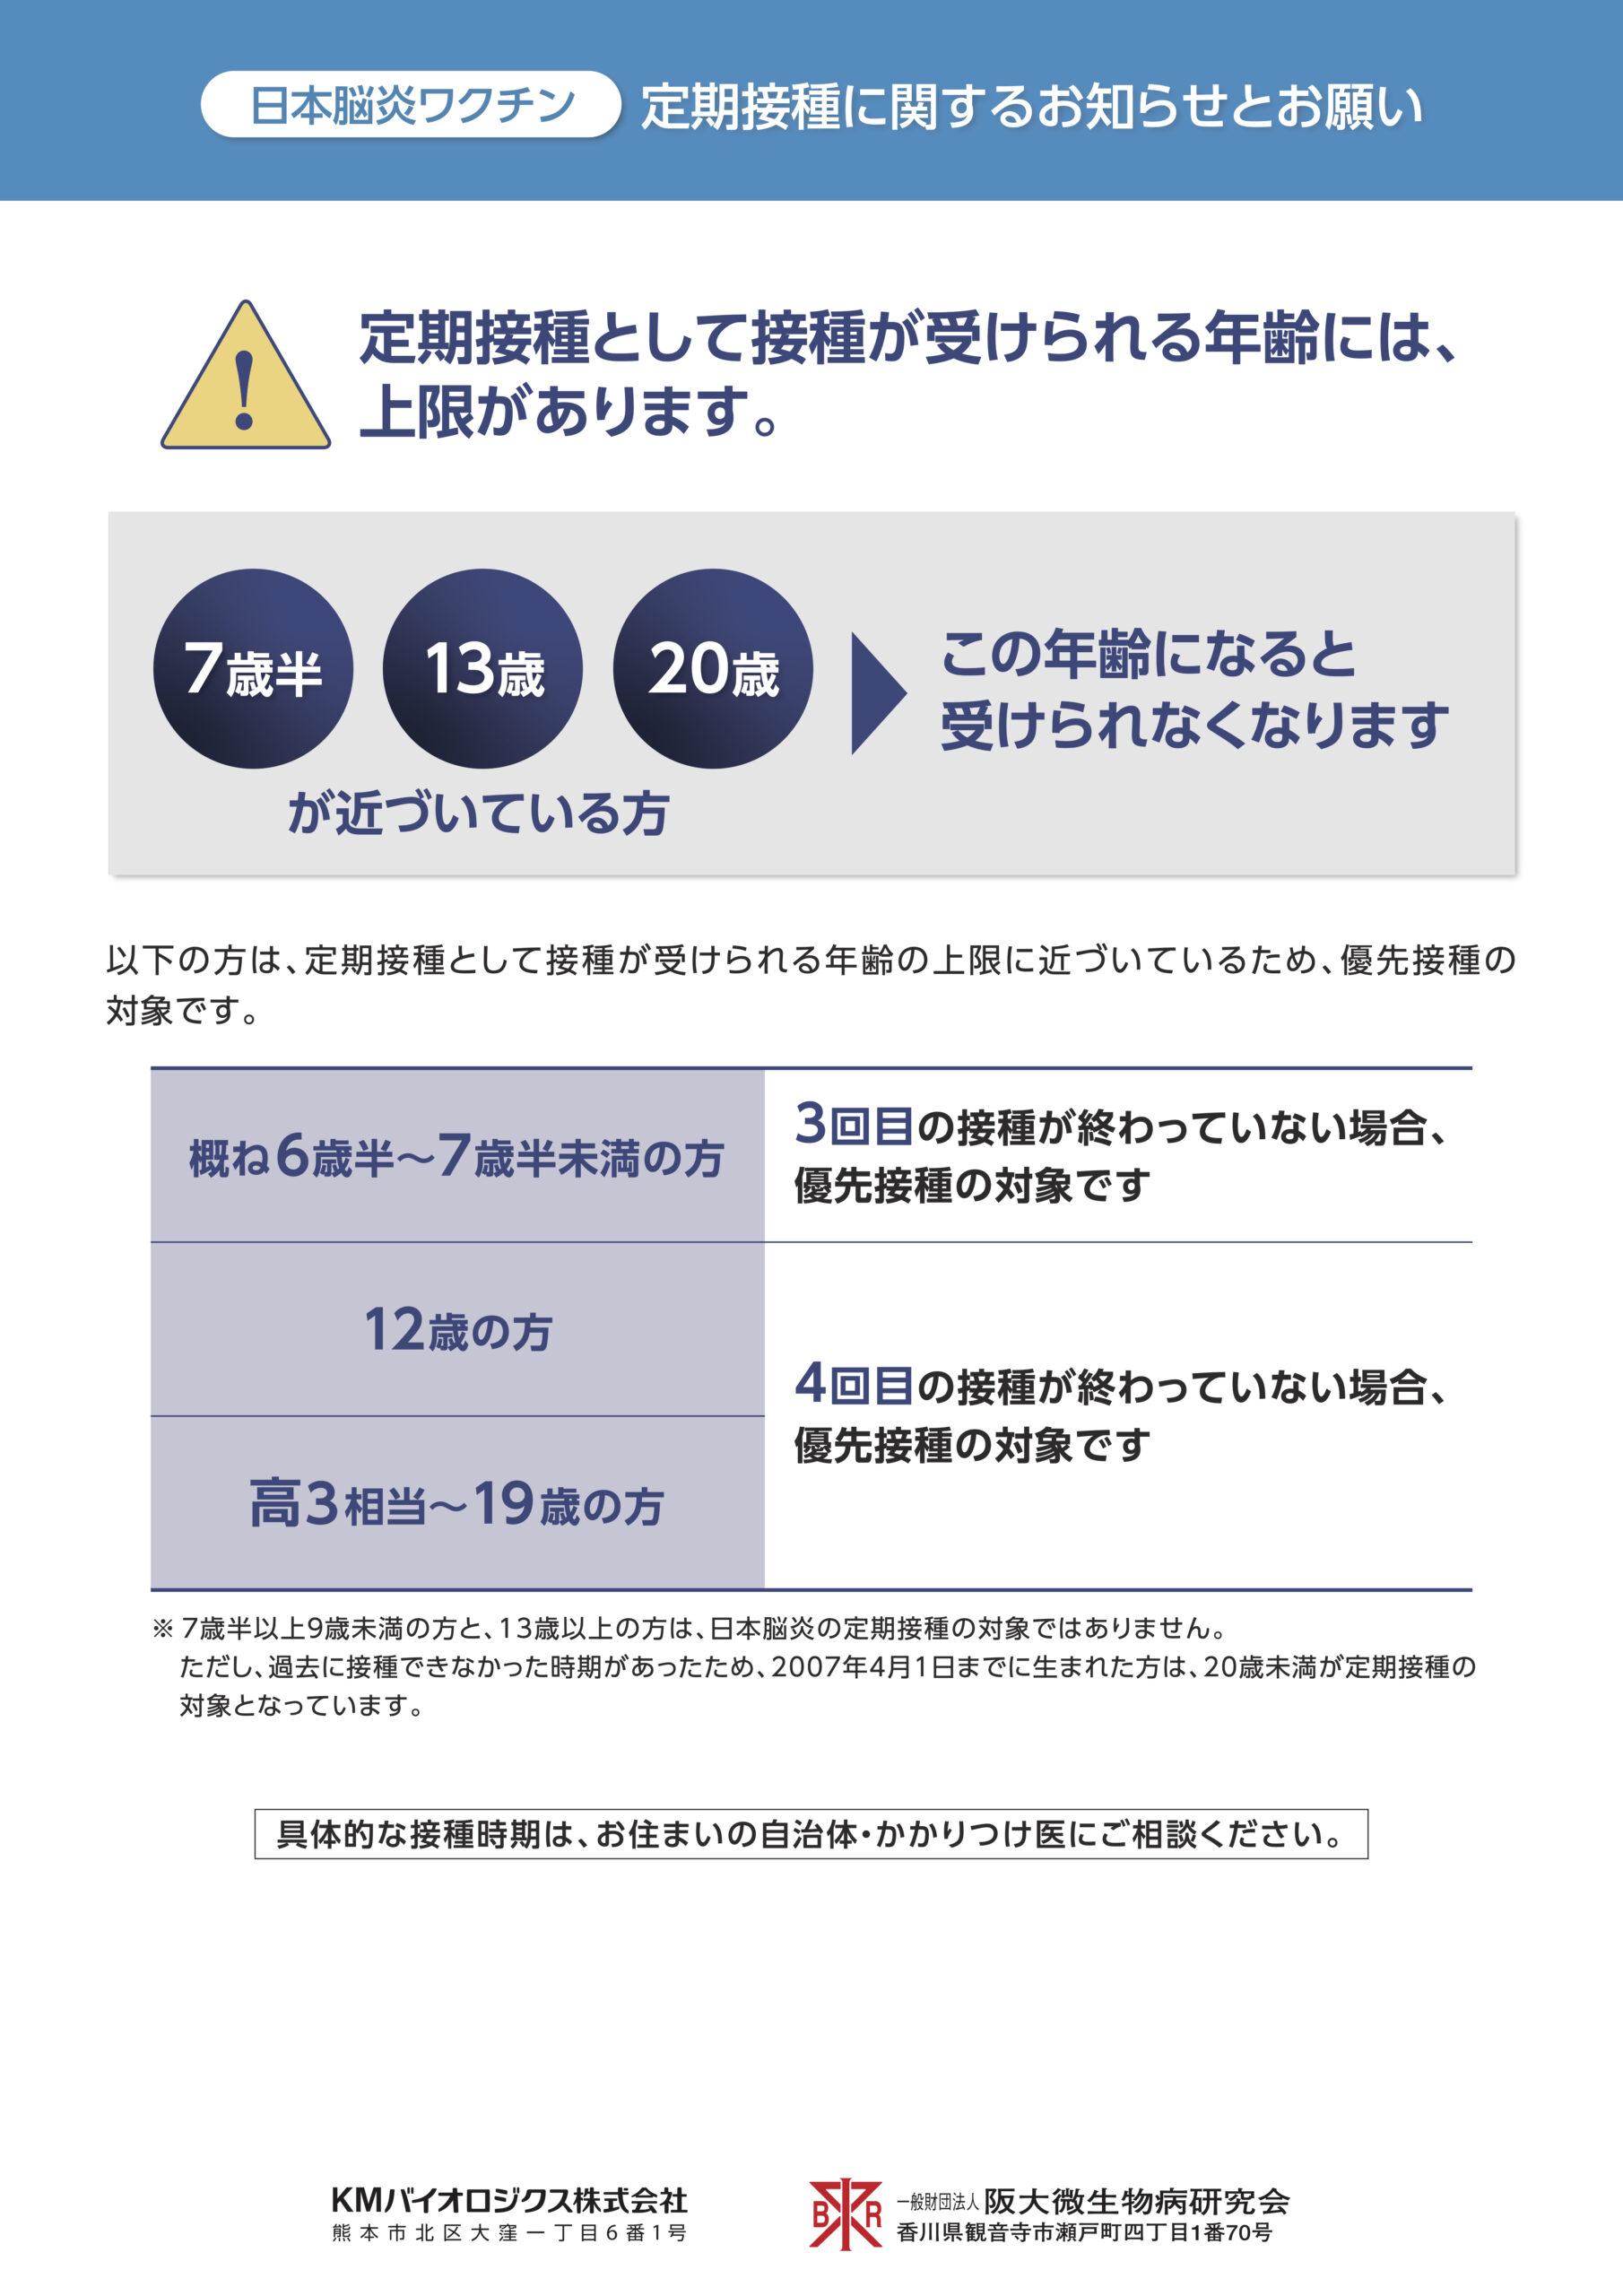 日本脳炎の案内